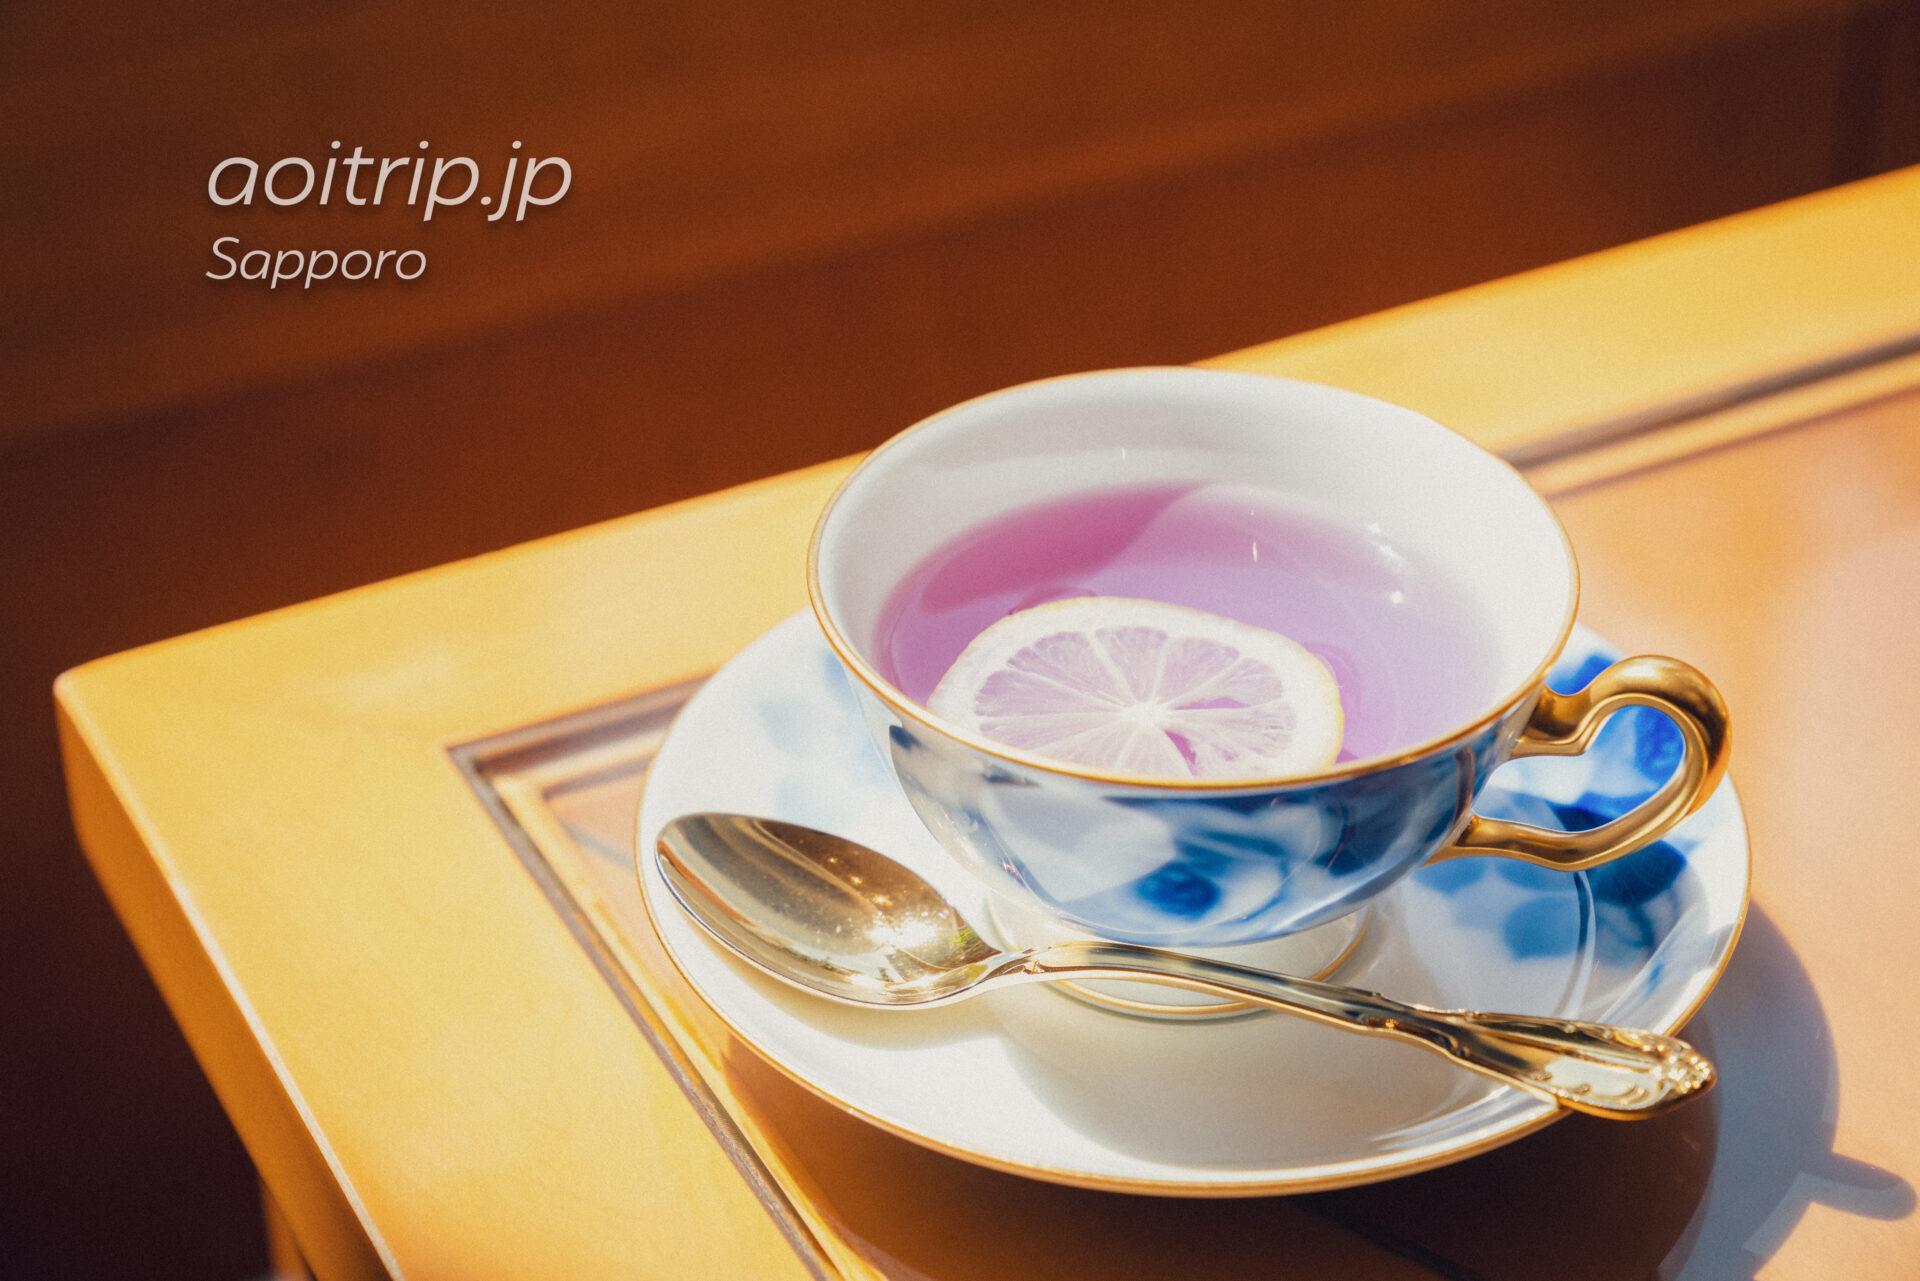 札幌グランドホテルのアフタヌーンティー、ハーブティーのバタフライティー